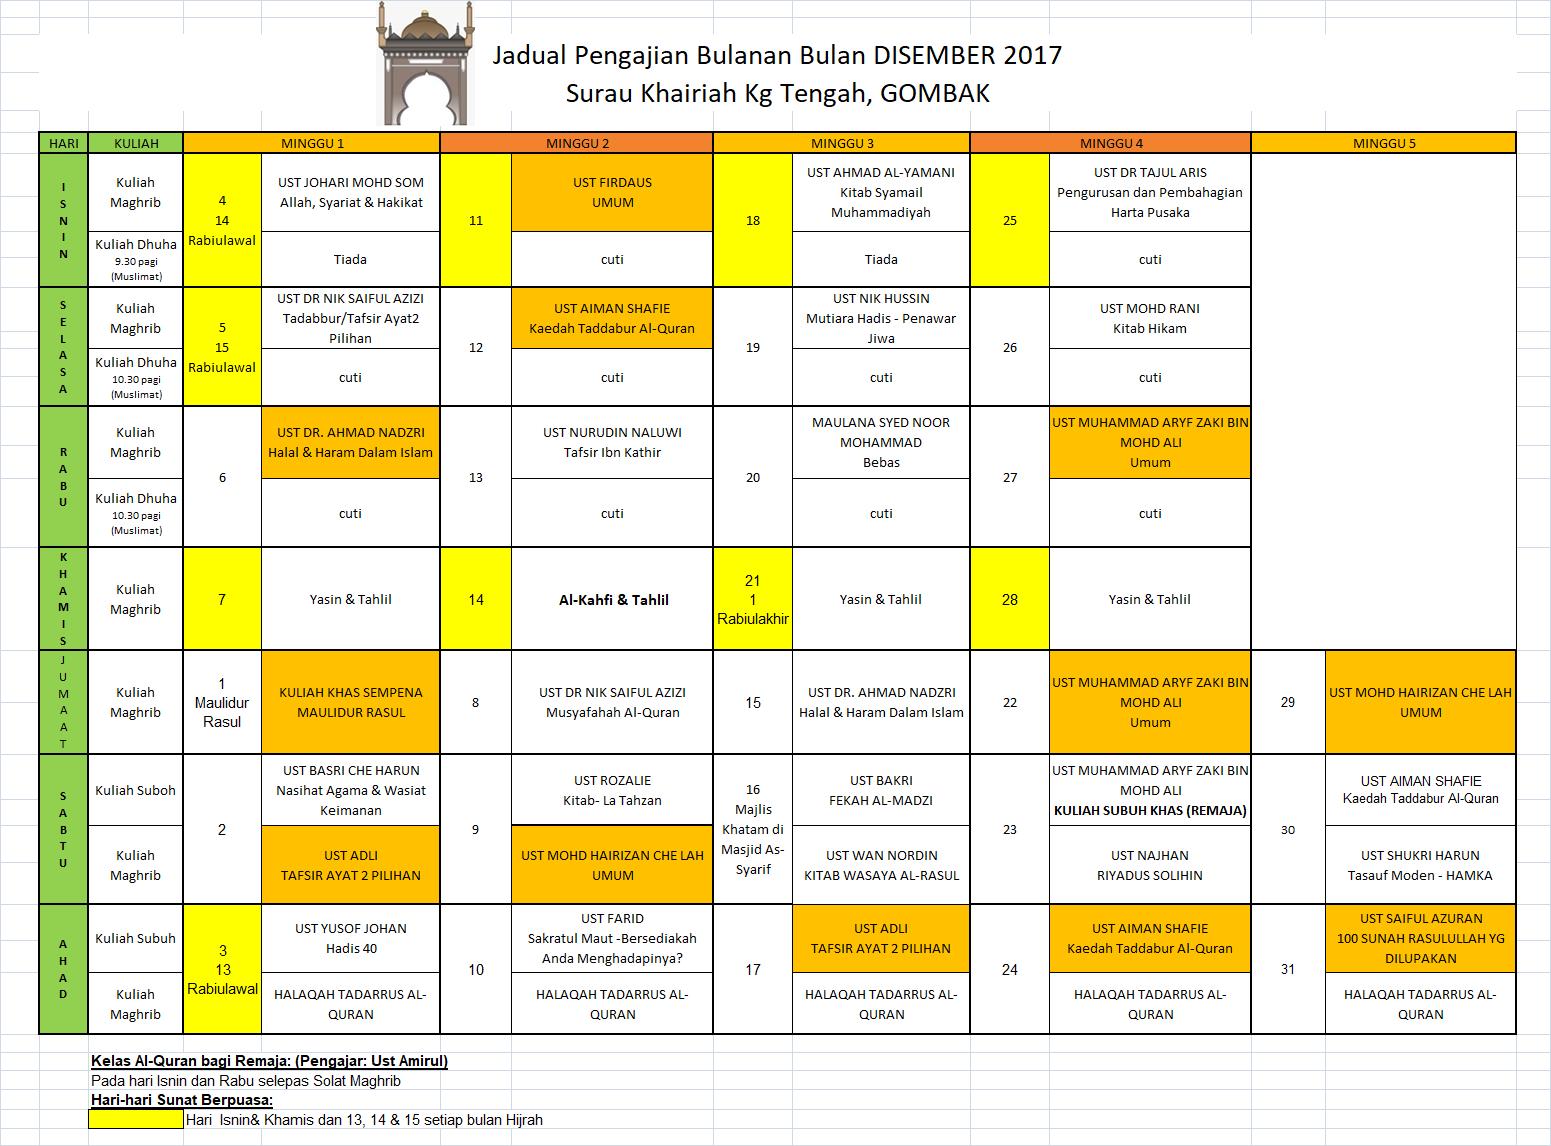 Jadual Pengajian Dis 17